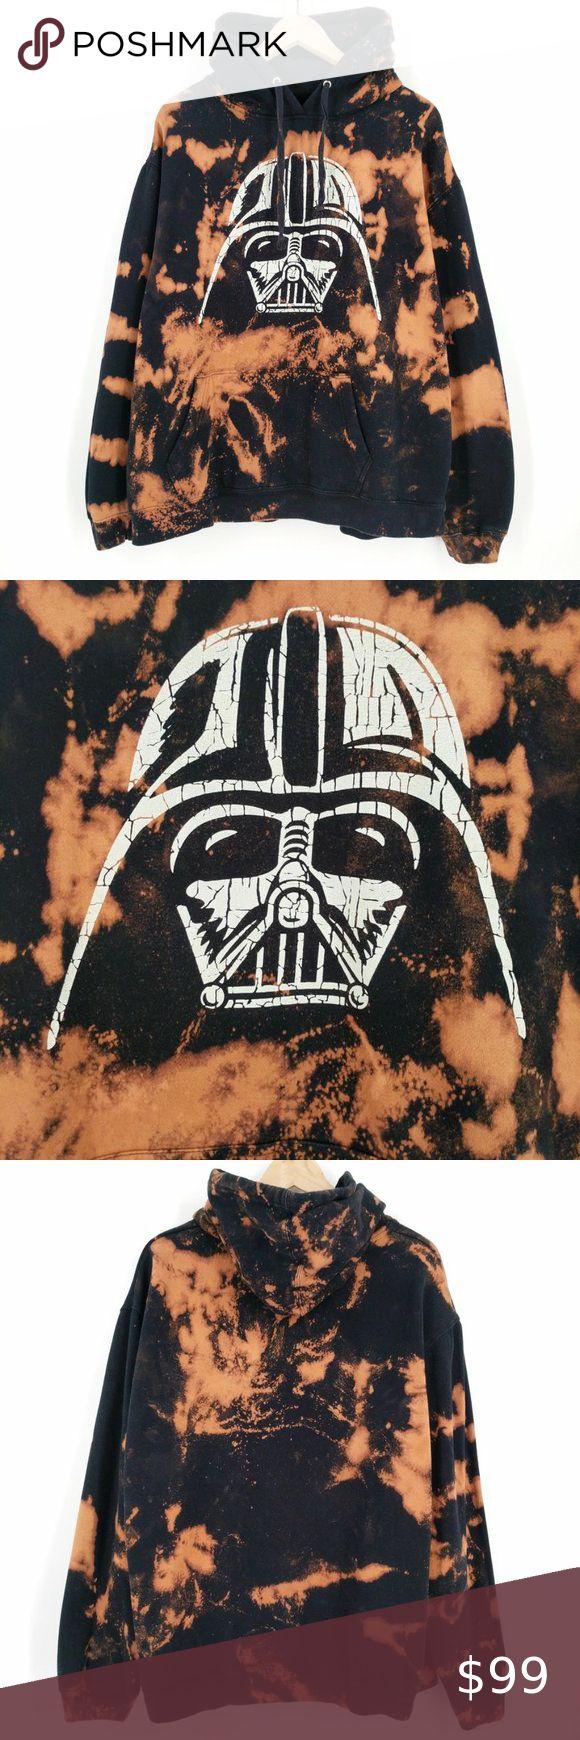 Custom Darth Vader Star Wars Bleach Dye Hoodie Xxl Bleach Dye Star Wars Shirts Hoodie Xxl [ 1740 x 580 Pixel ]